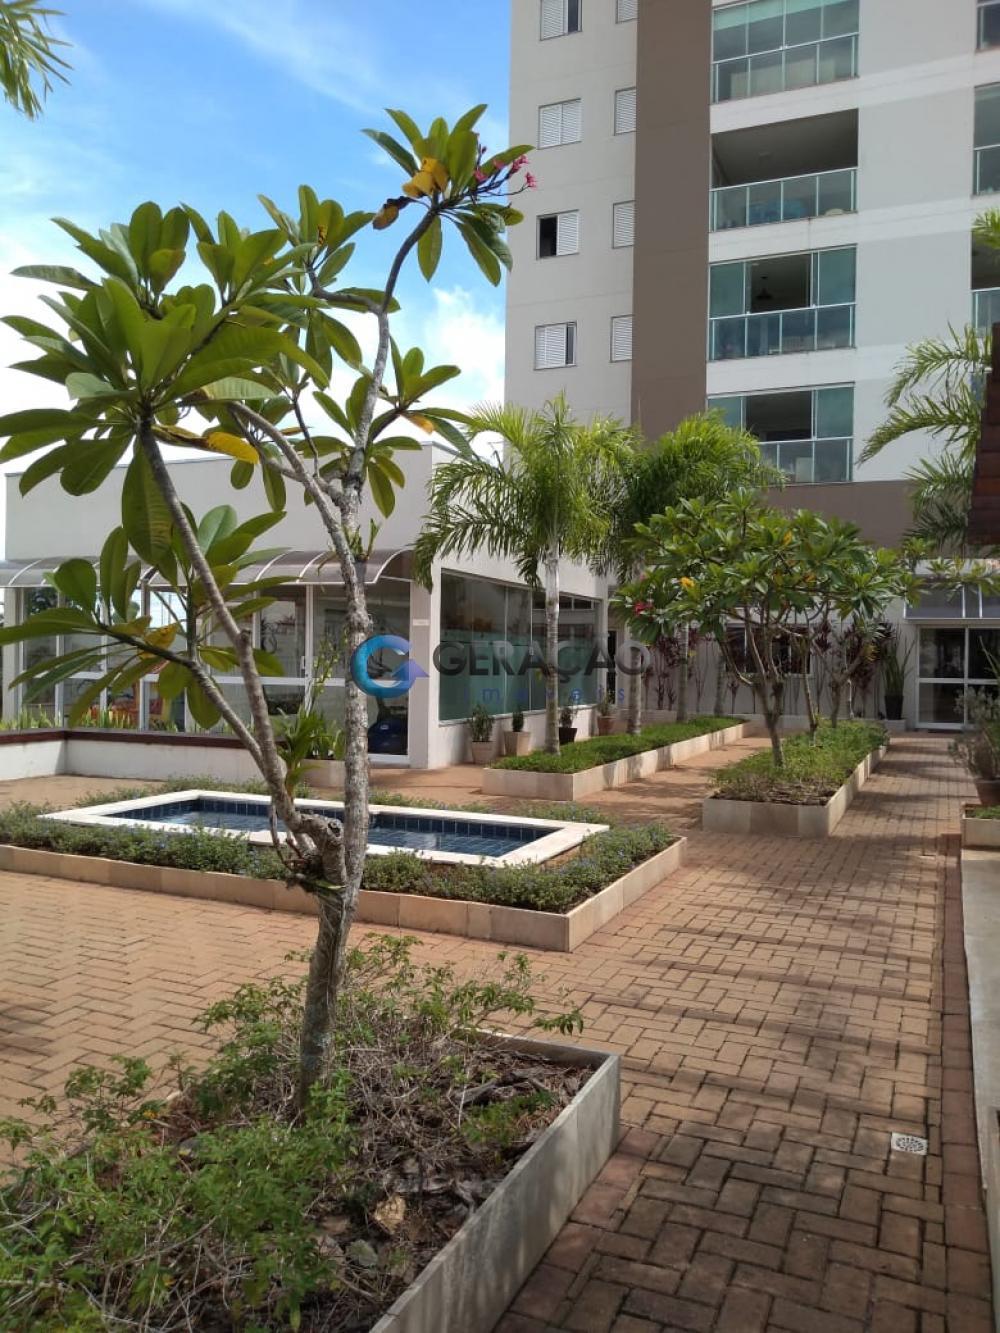 Comprar Apartamento / Padrão em Jacareí R$ 470.000,00 - Foto 3